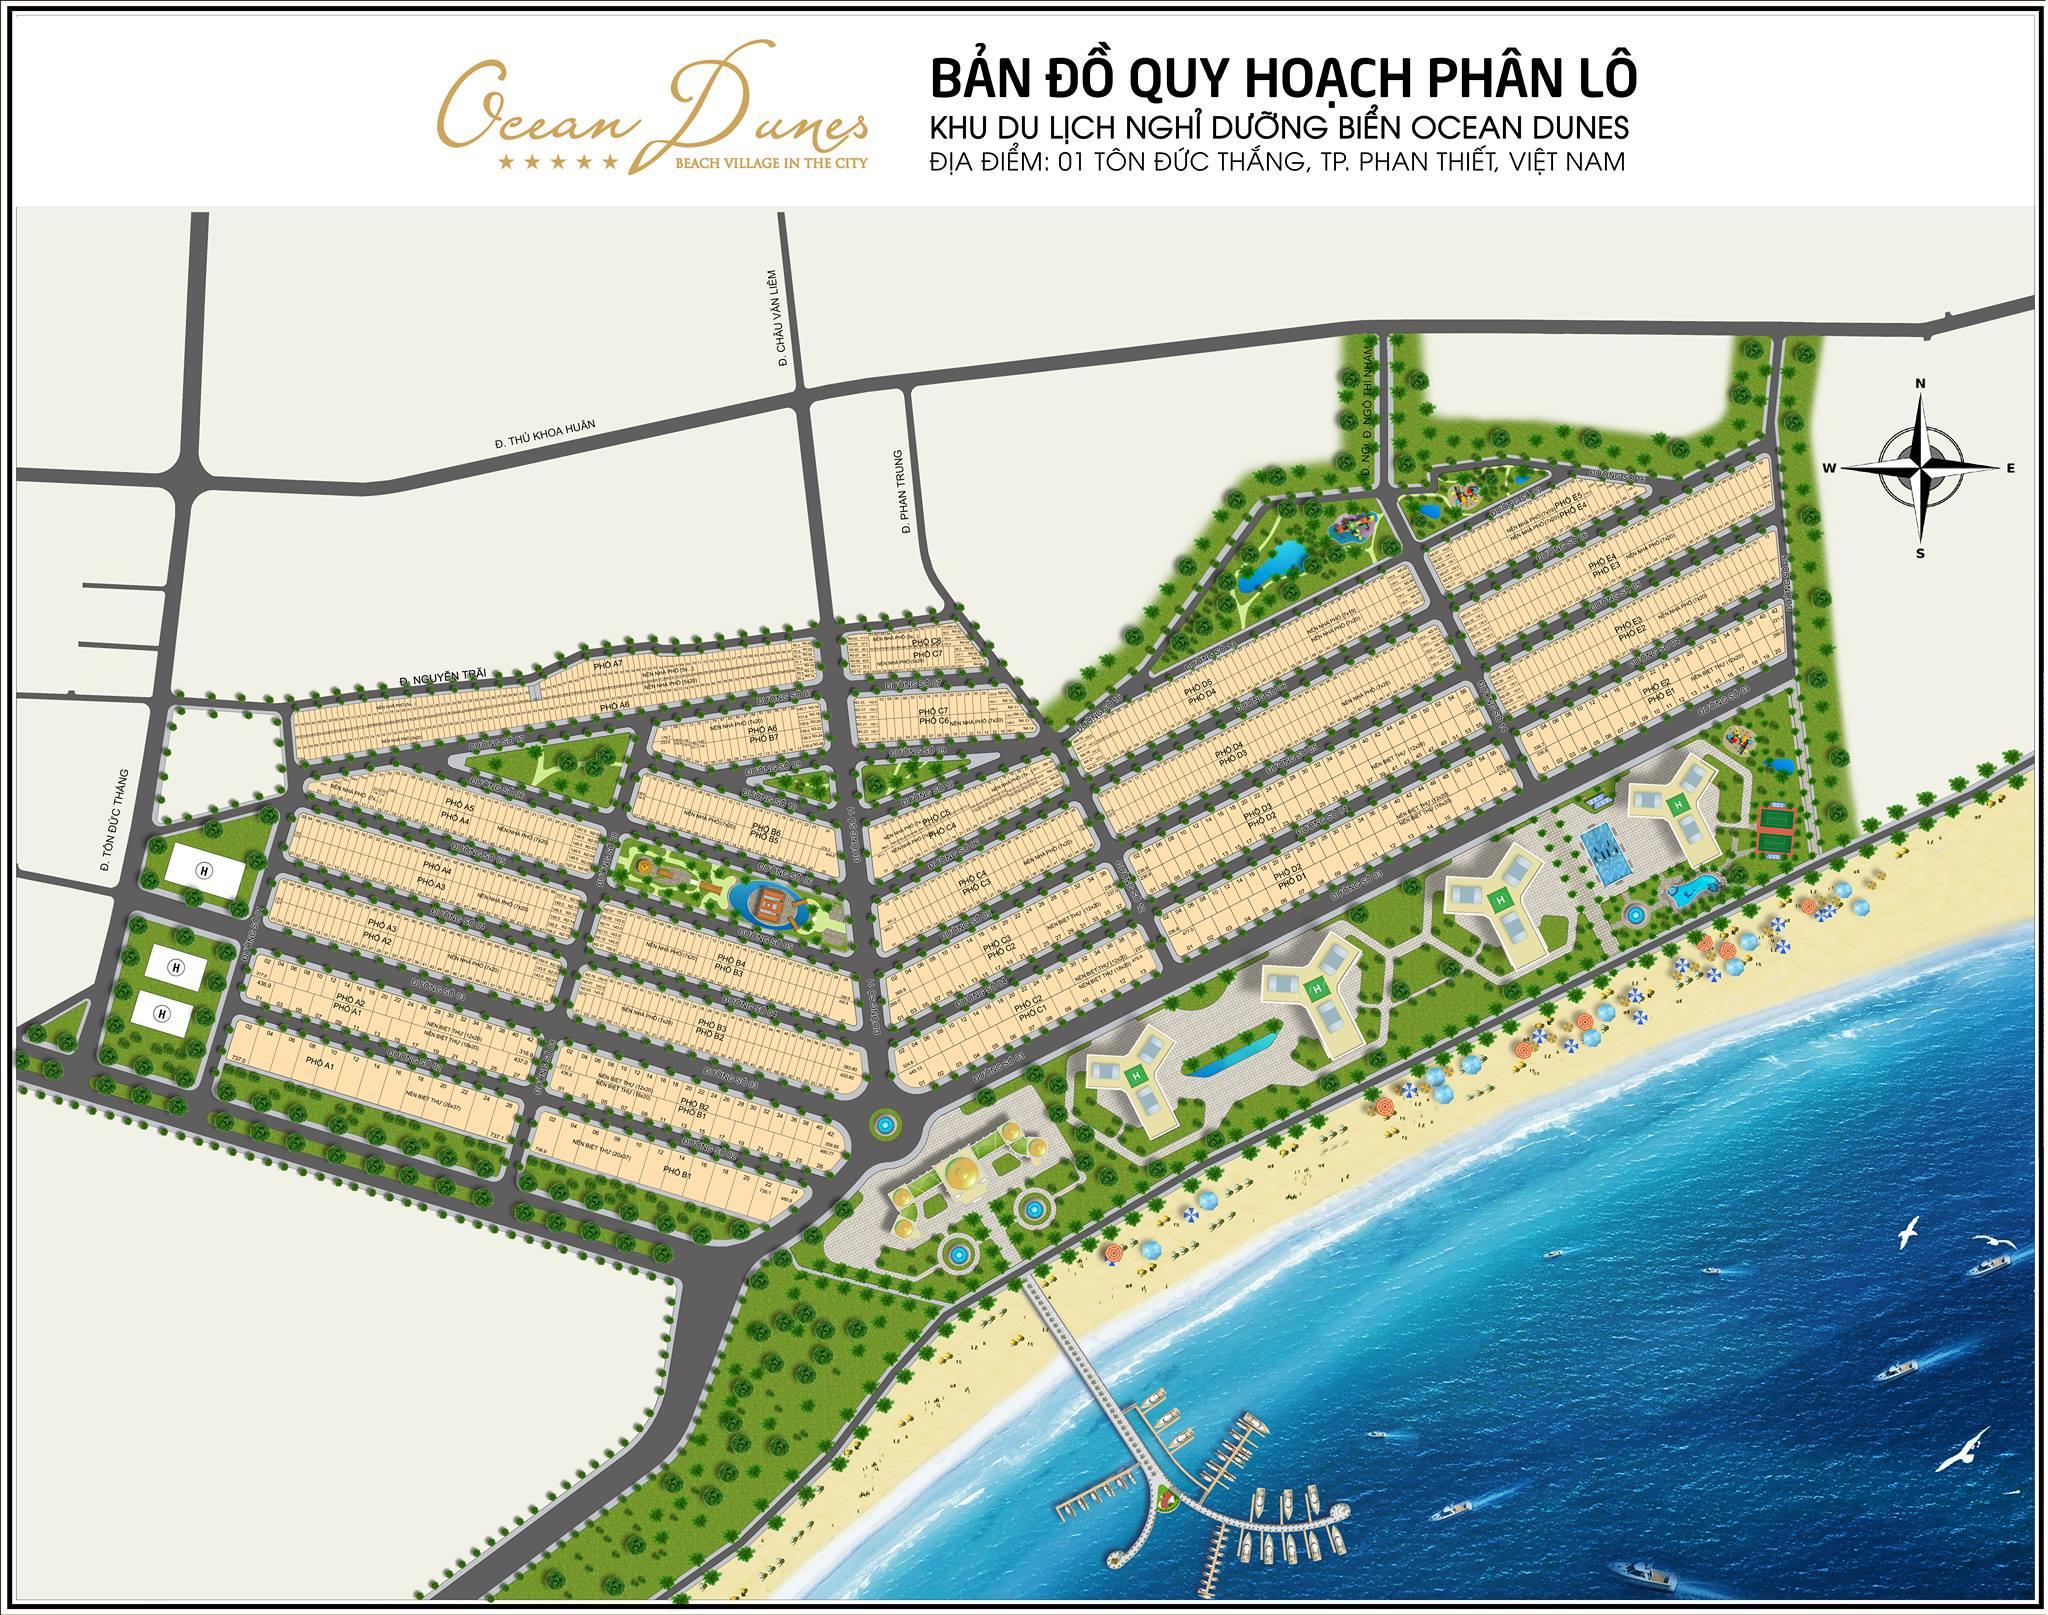 Bản đồ phân lô dự án Ocean Dunes